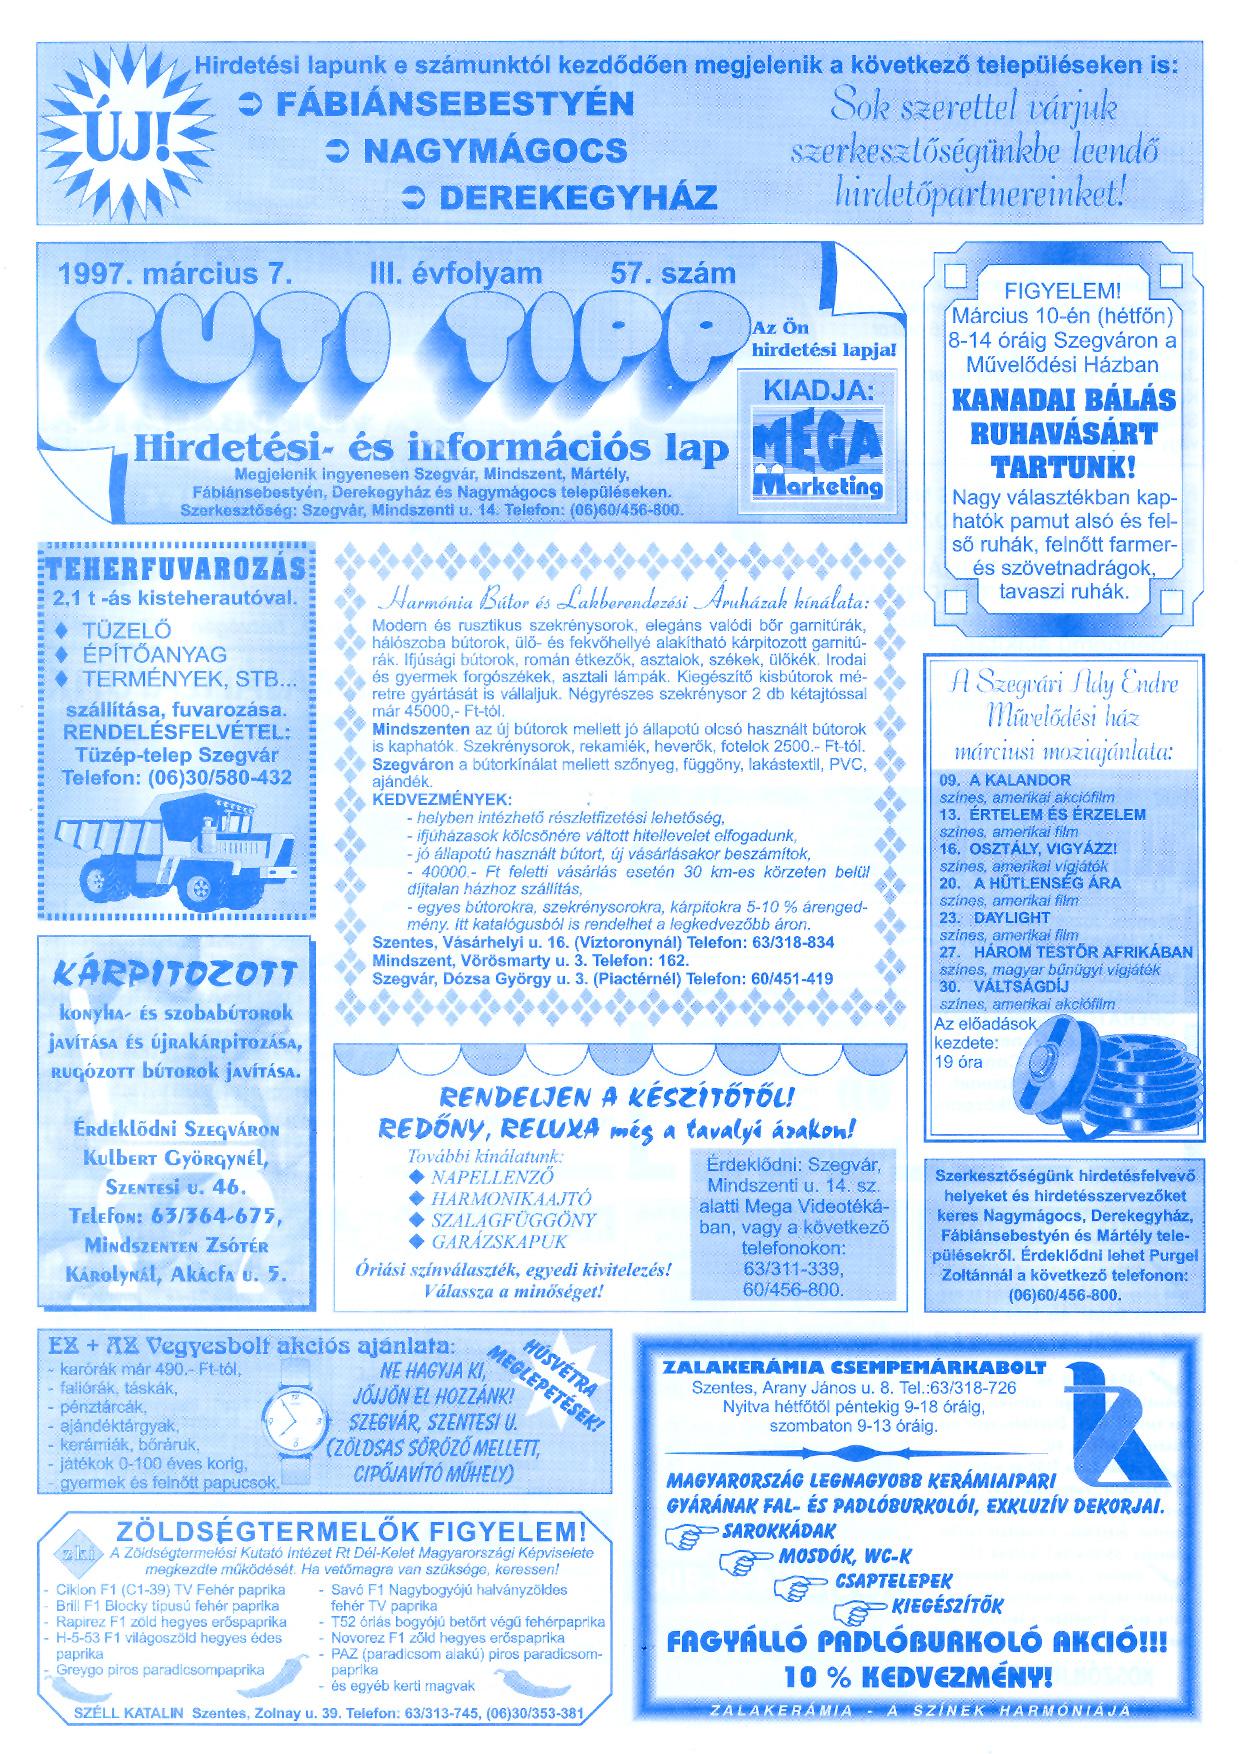 007 Tuti Tipp reklámújság - 19970307-057. lapszám - 1.oldal - III. évfolyam.jpg